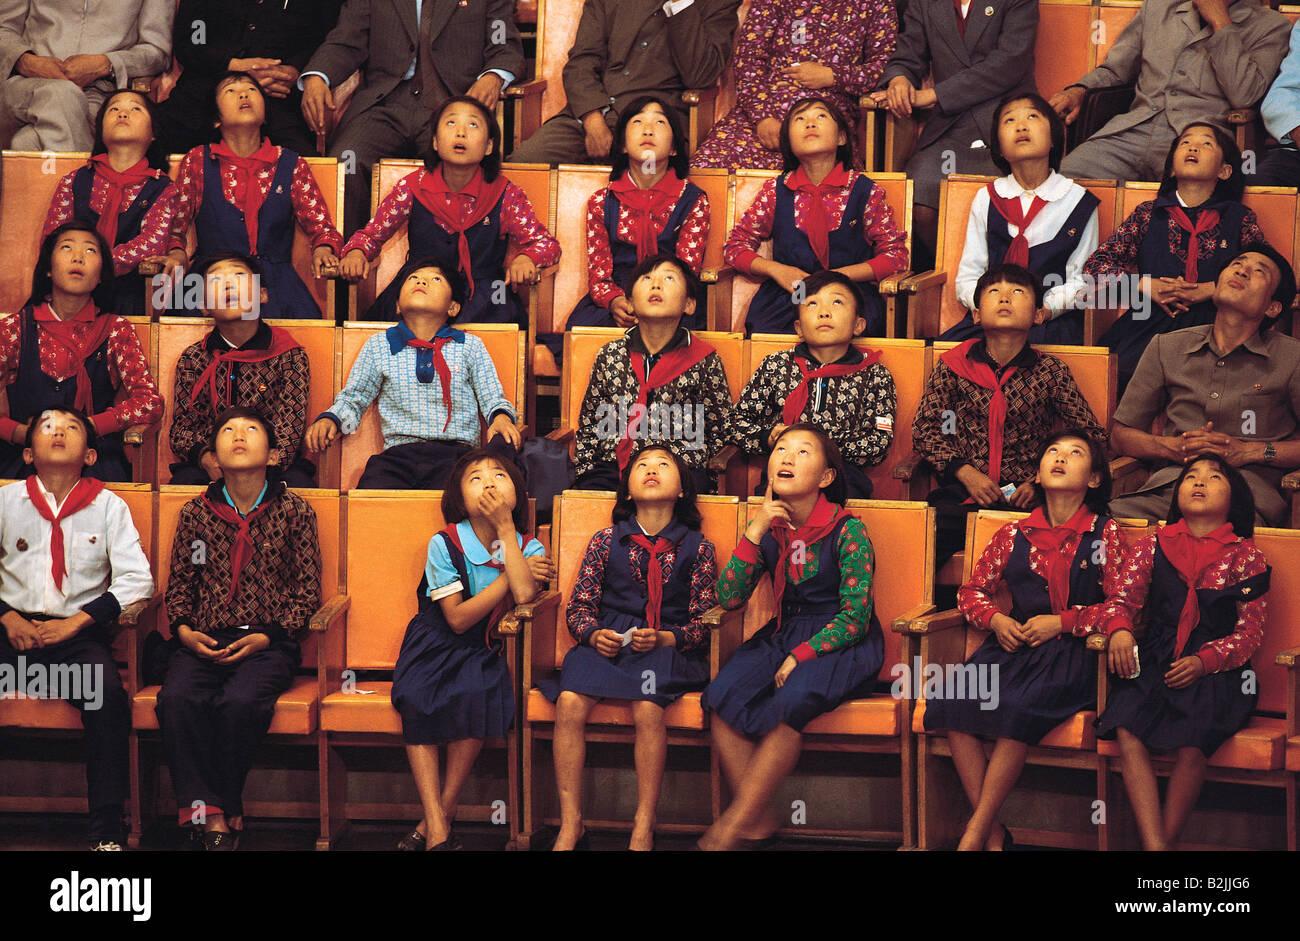 Koreanische Schule Kinder Publikum. Während Akrobaten Show nachschlagen. Stockbild